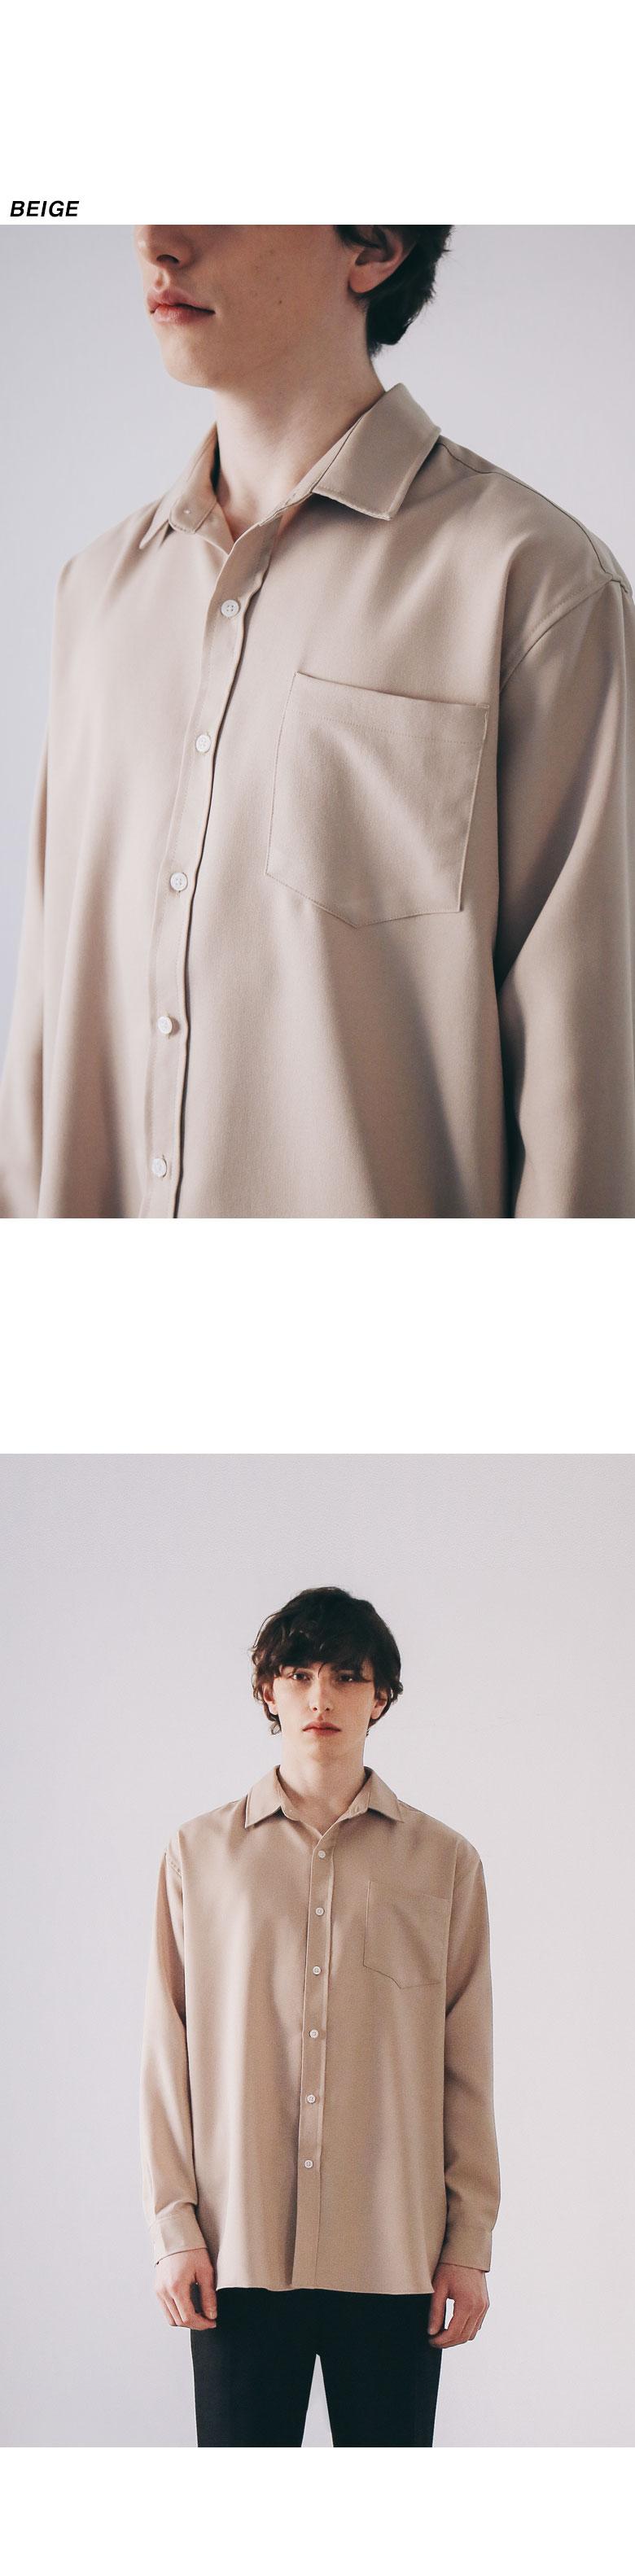 이에스엔 플로잉 오버핏 셔츠 (8color)